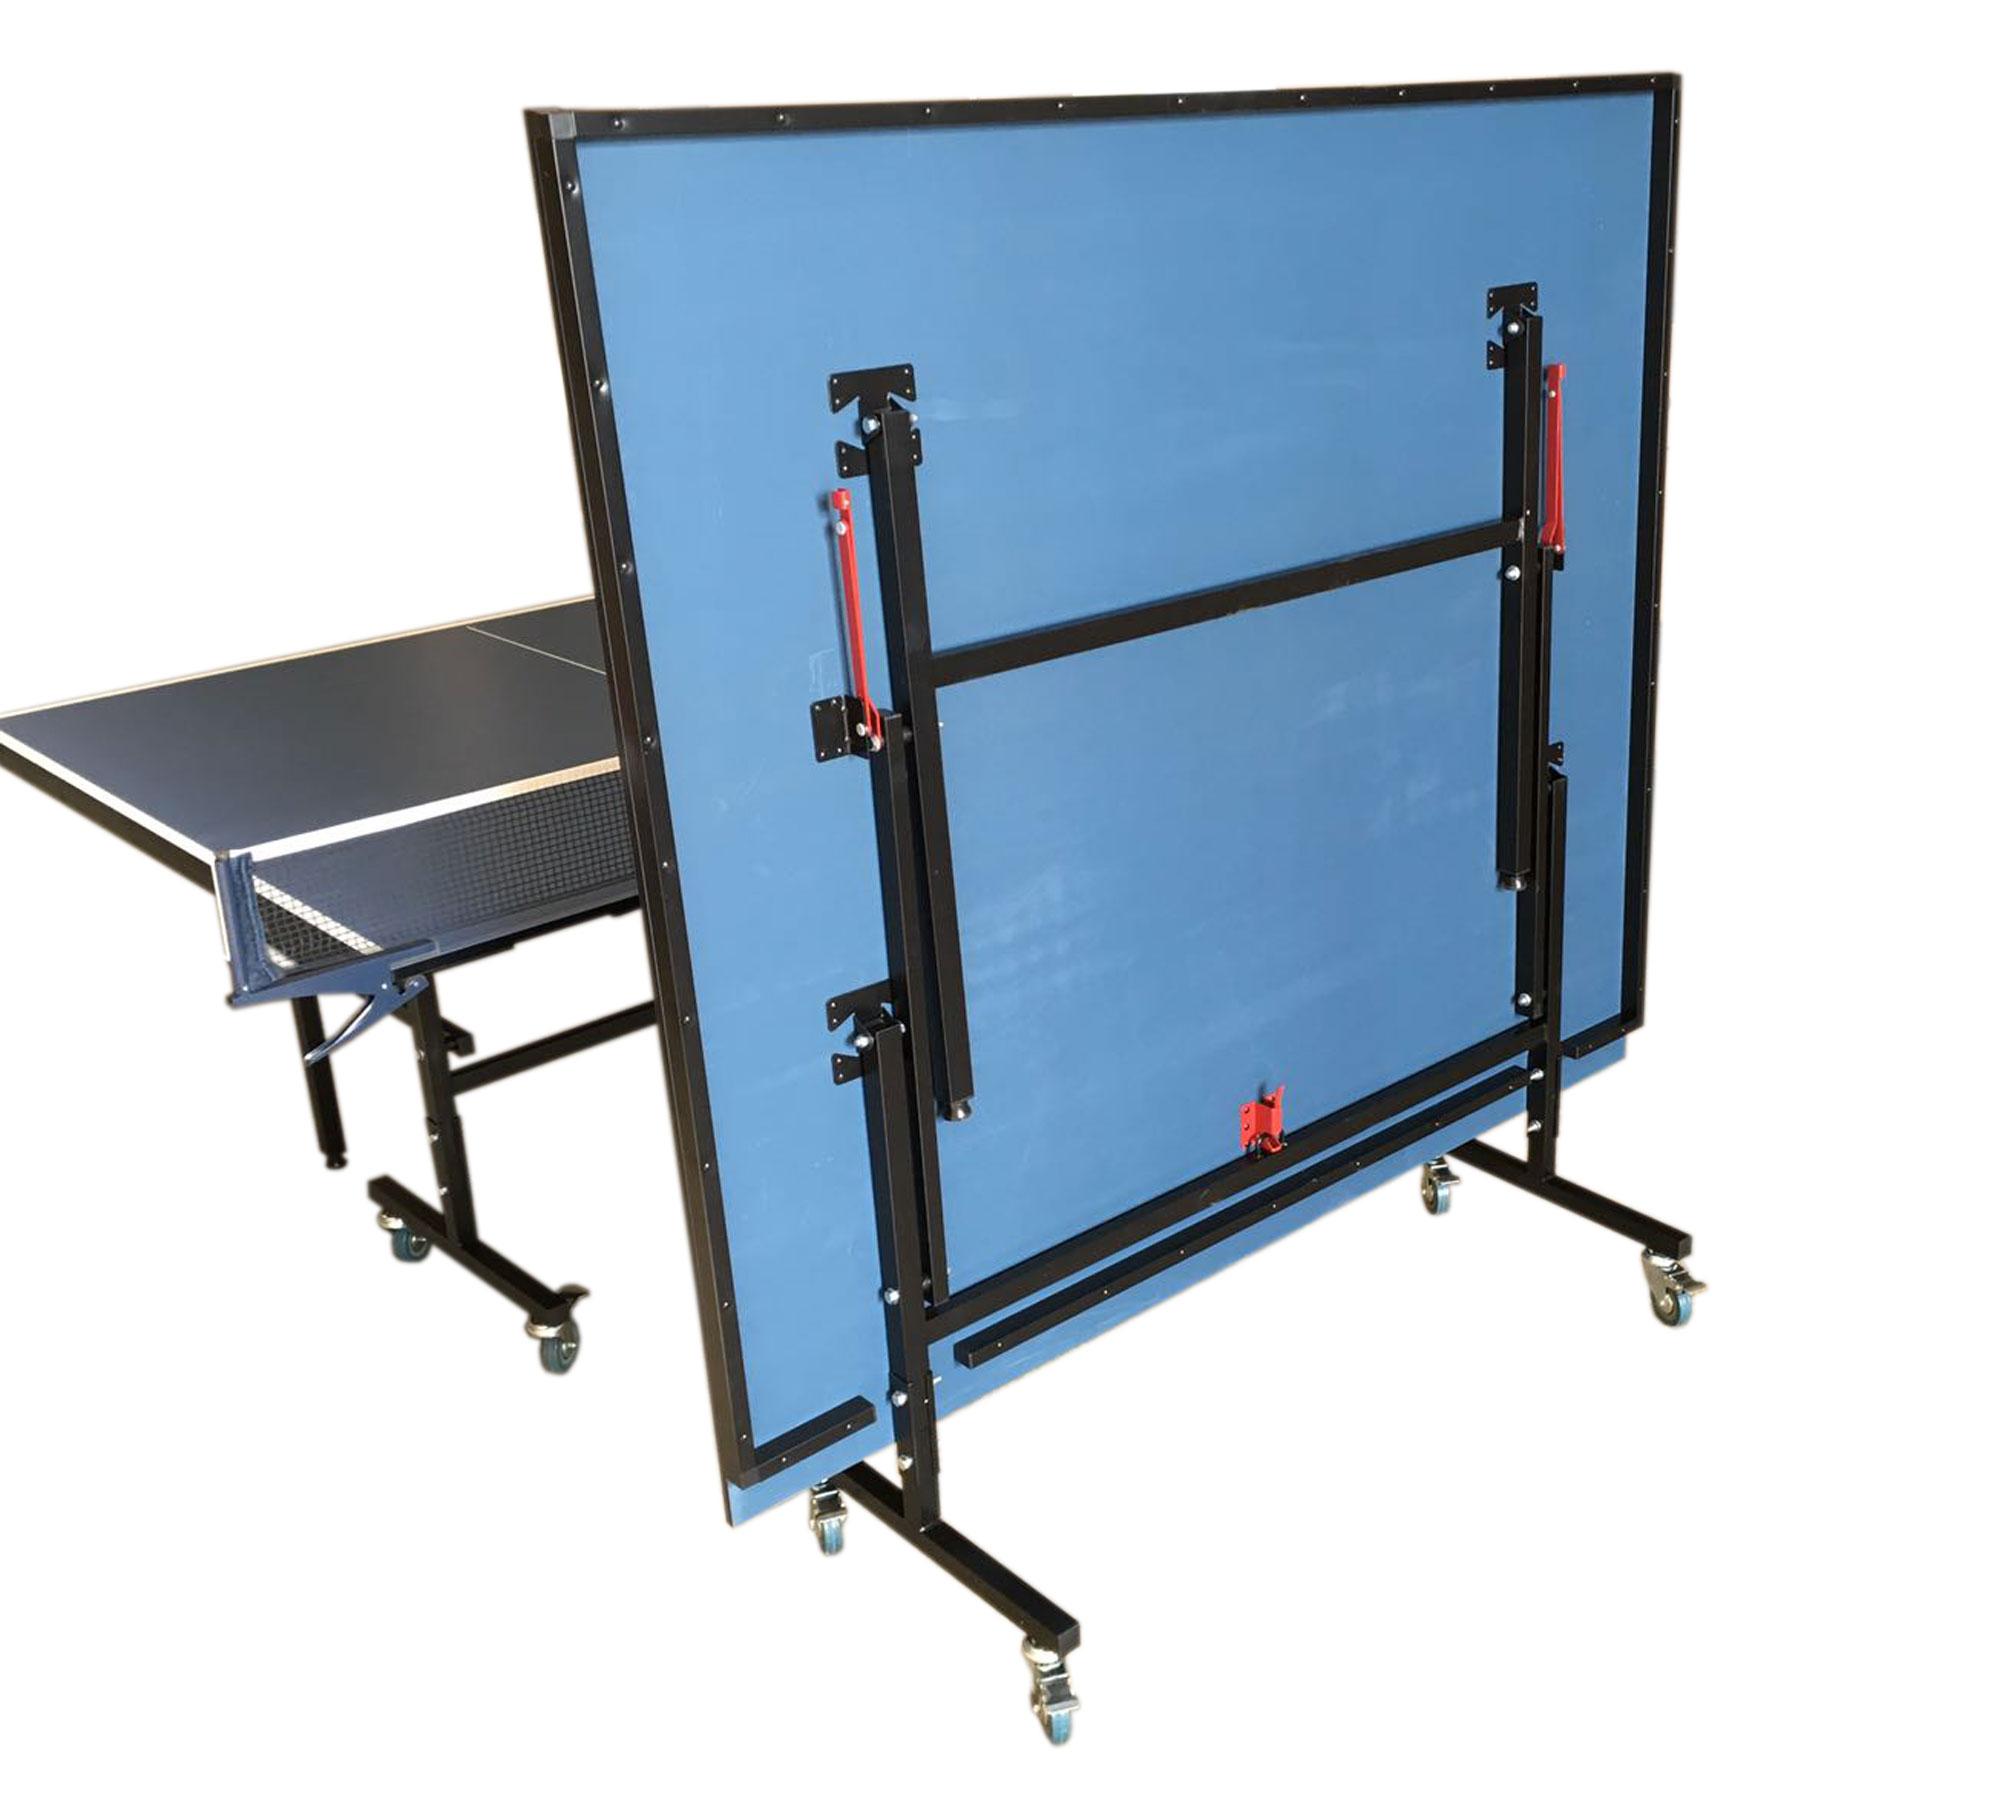 Tavolo ping pong professionale blu incluso rete pingpong tennis da tavolo ebay - Misure tavolo da ping pong professionale ...